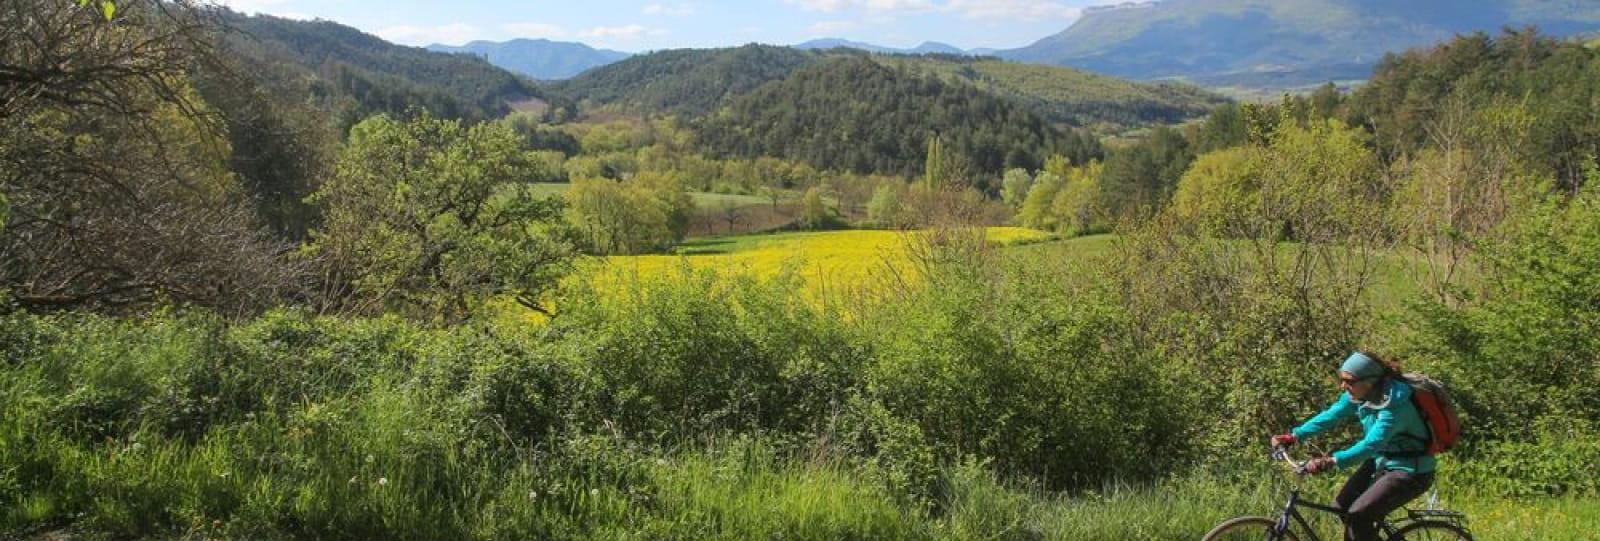 séjour au fil de l'eau dans la Drôme